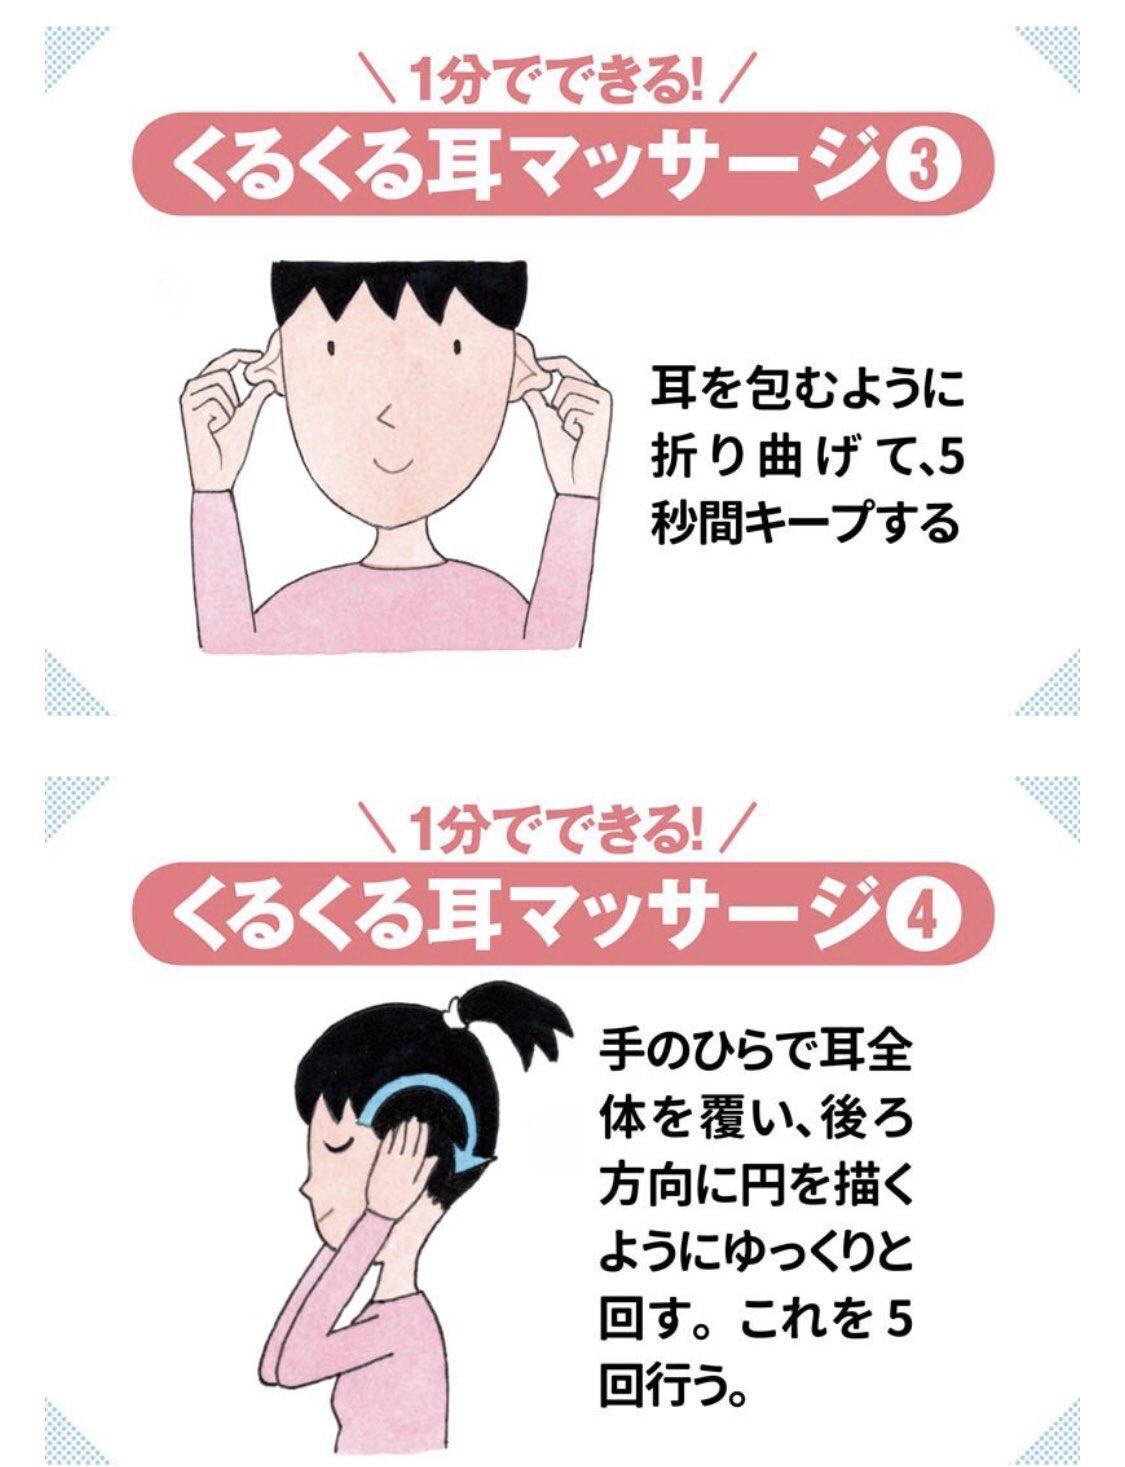 気象病?台風で頭痛や耳鳴りが起こった時の対処法はこれ!